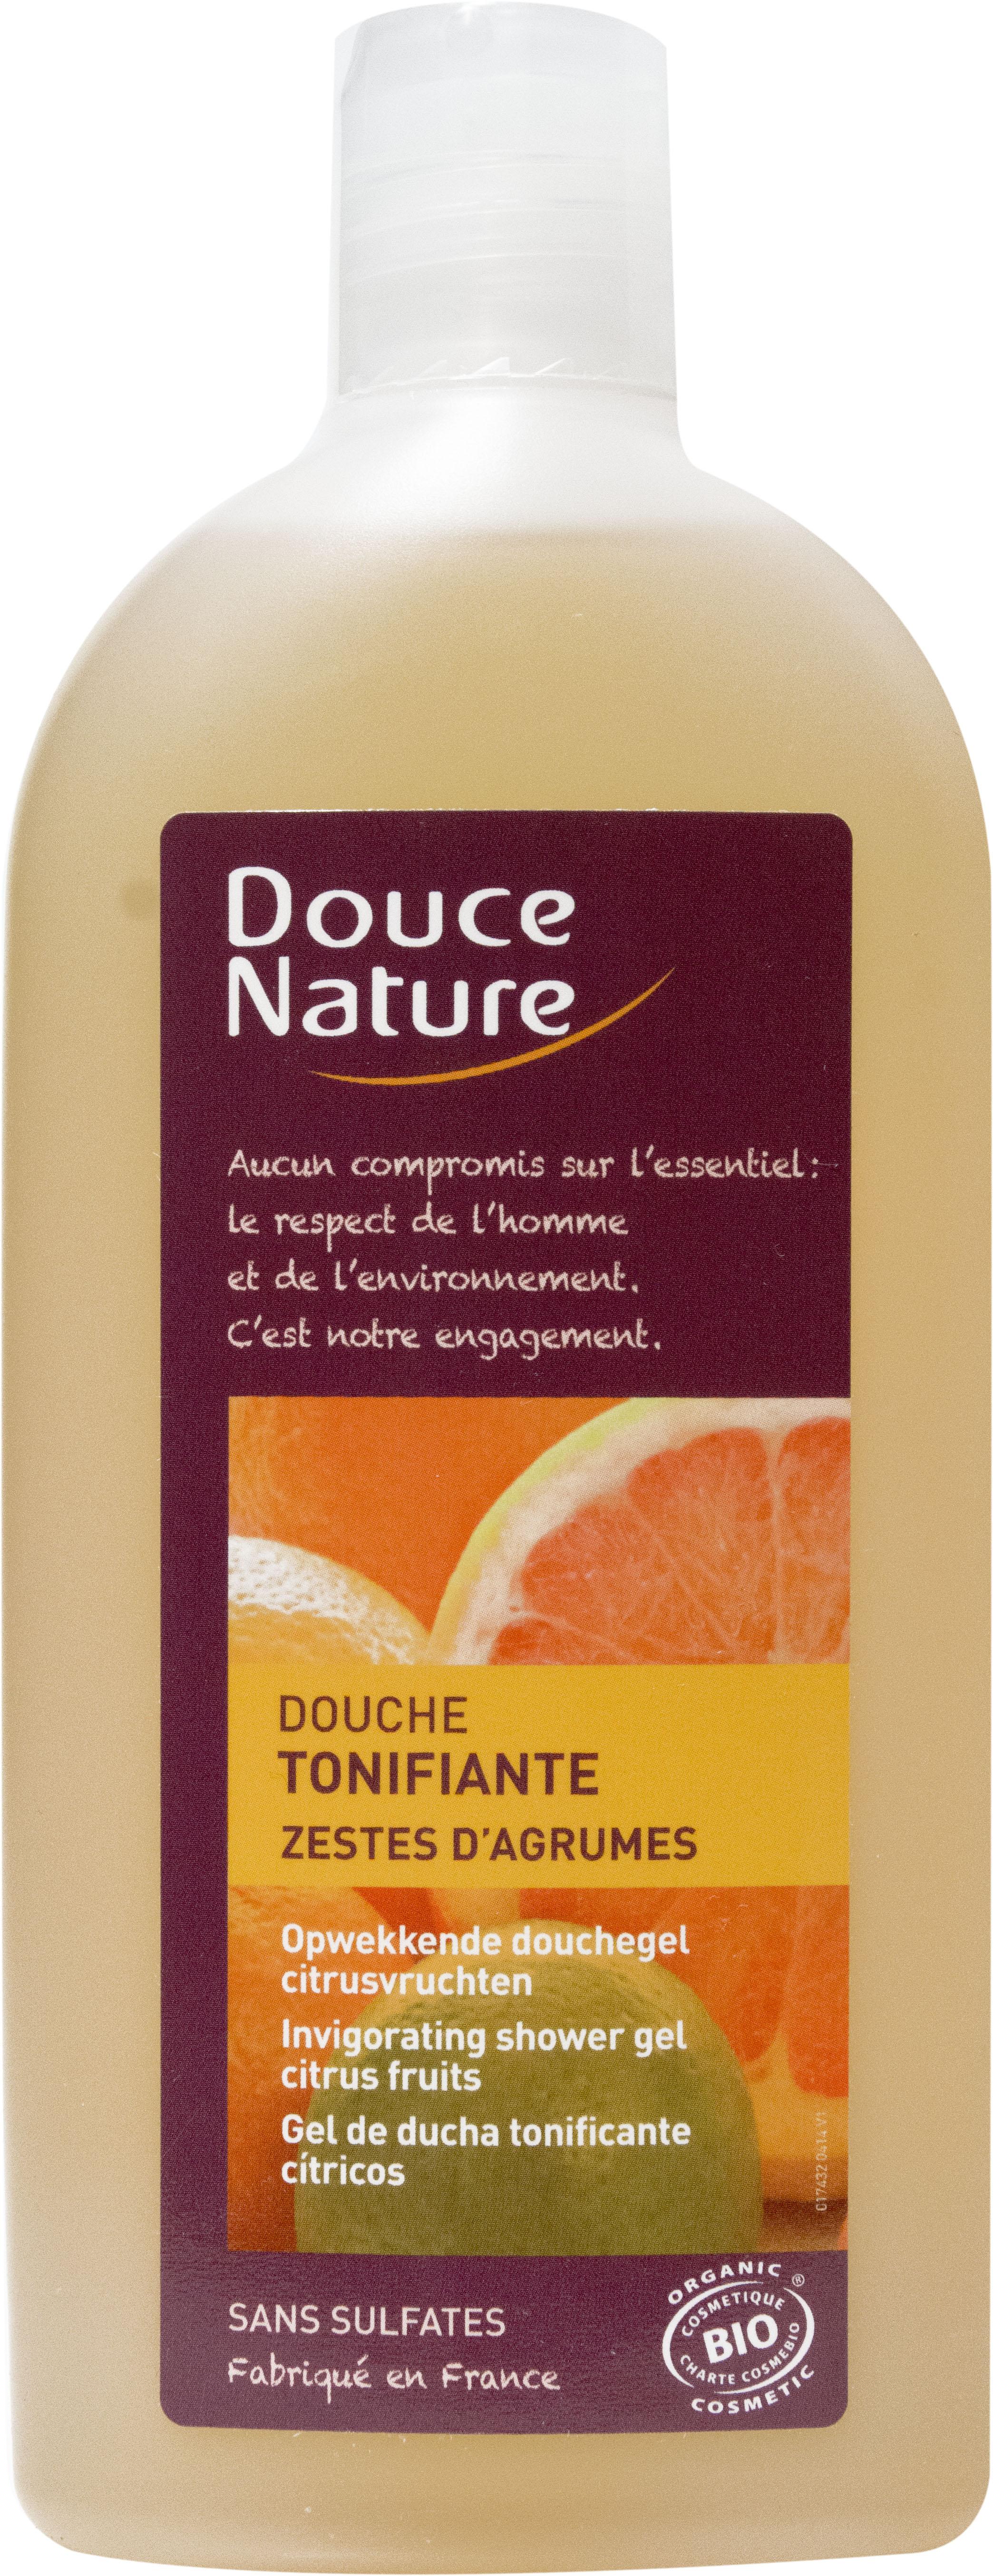 Douche Tonifiante aux zestes d'agrumes, Douce Nature (300 ml)